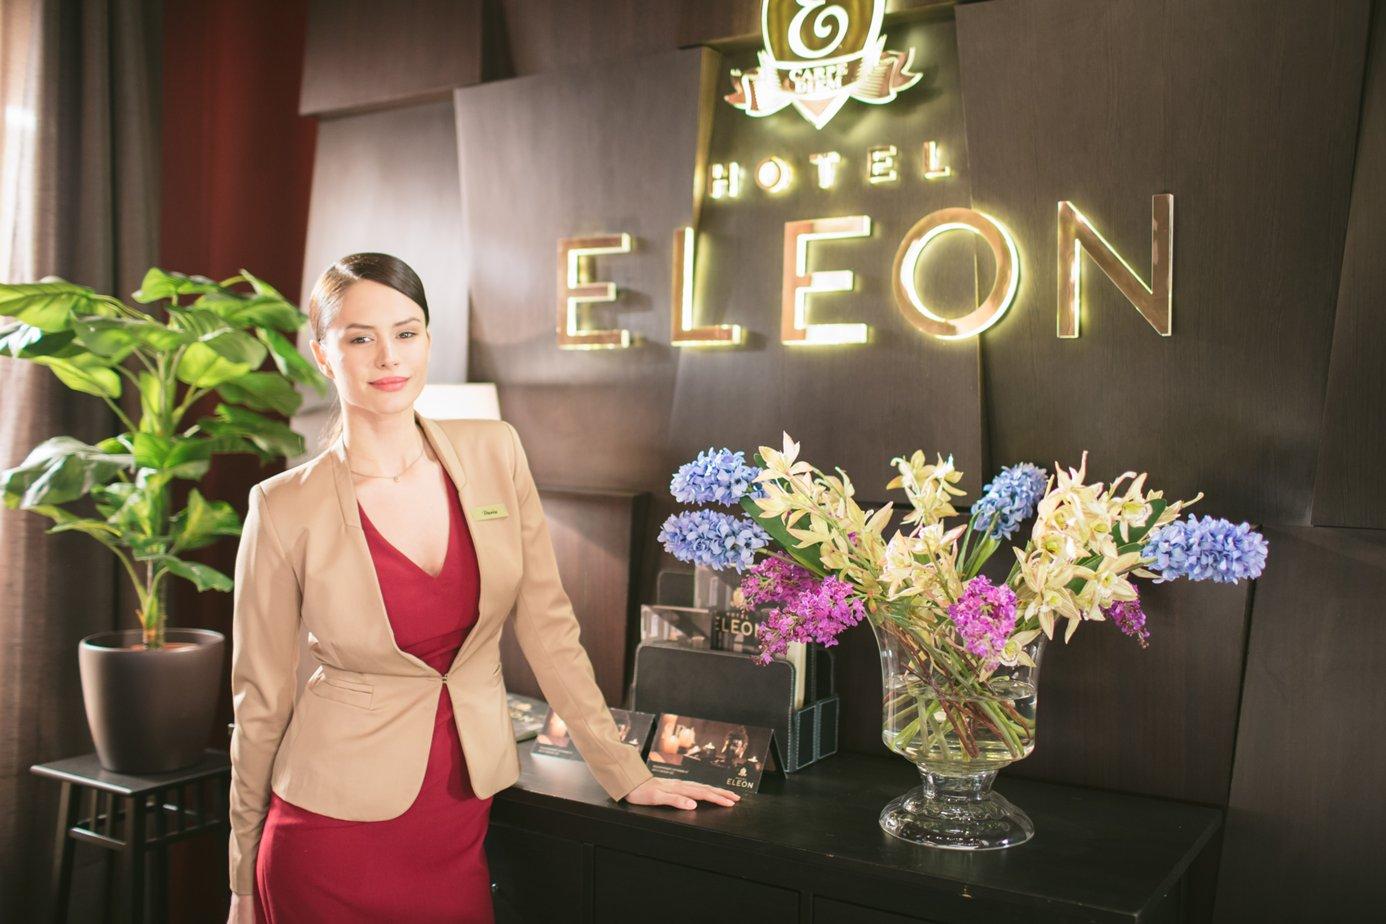 первая блефаропластика актеры отель элеон фото и имена была йога, которая